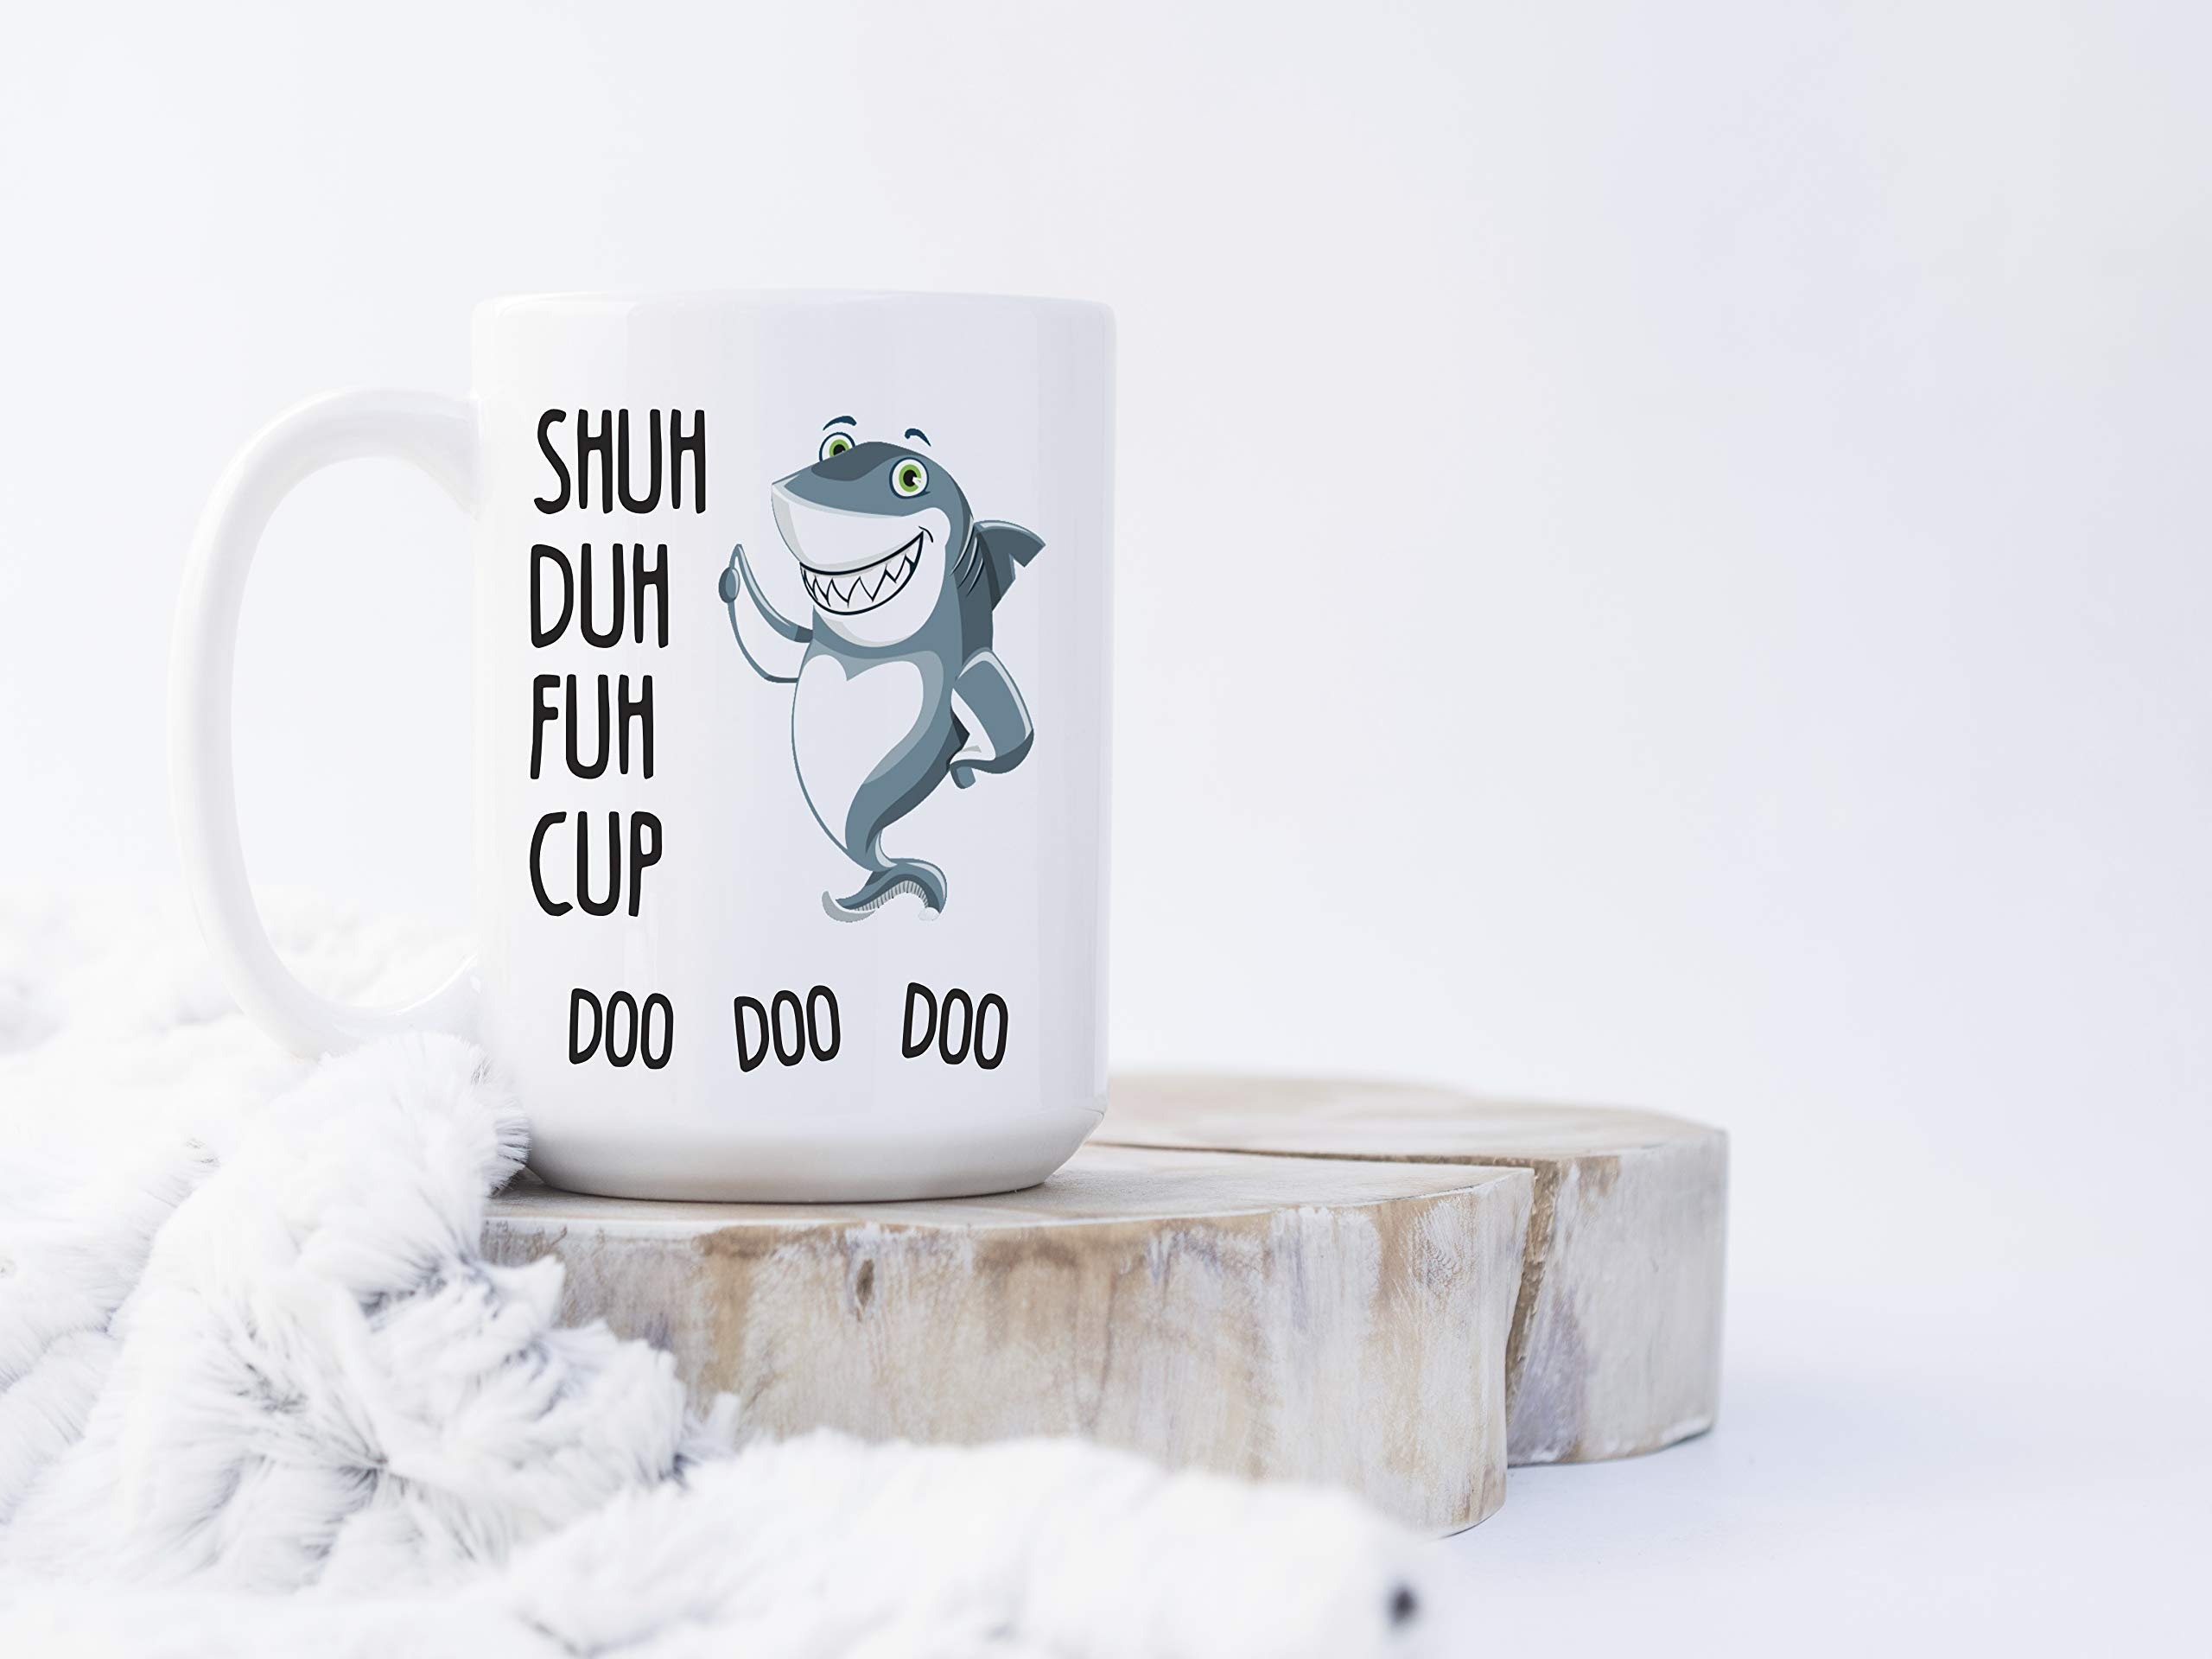 Shuh Duh Fuh Cup Funny Baby Shark Doo Doo Doo Large 15 oz Coffee Mug Inappropriate Profanity Gift